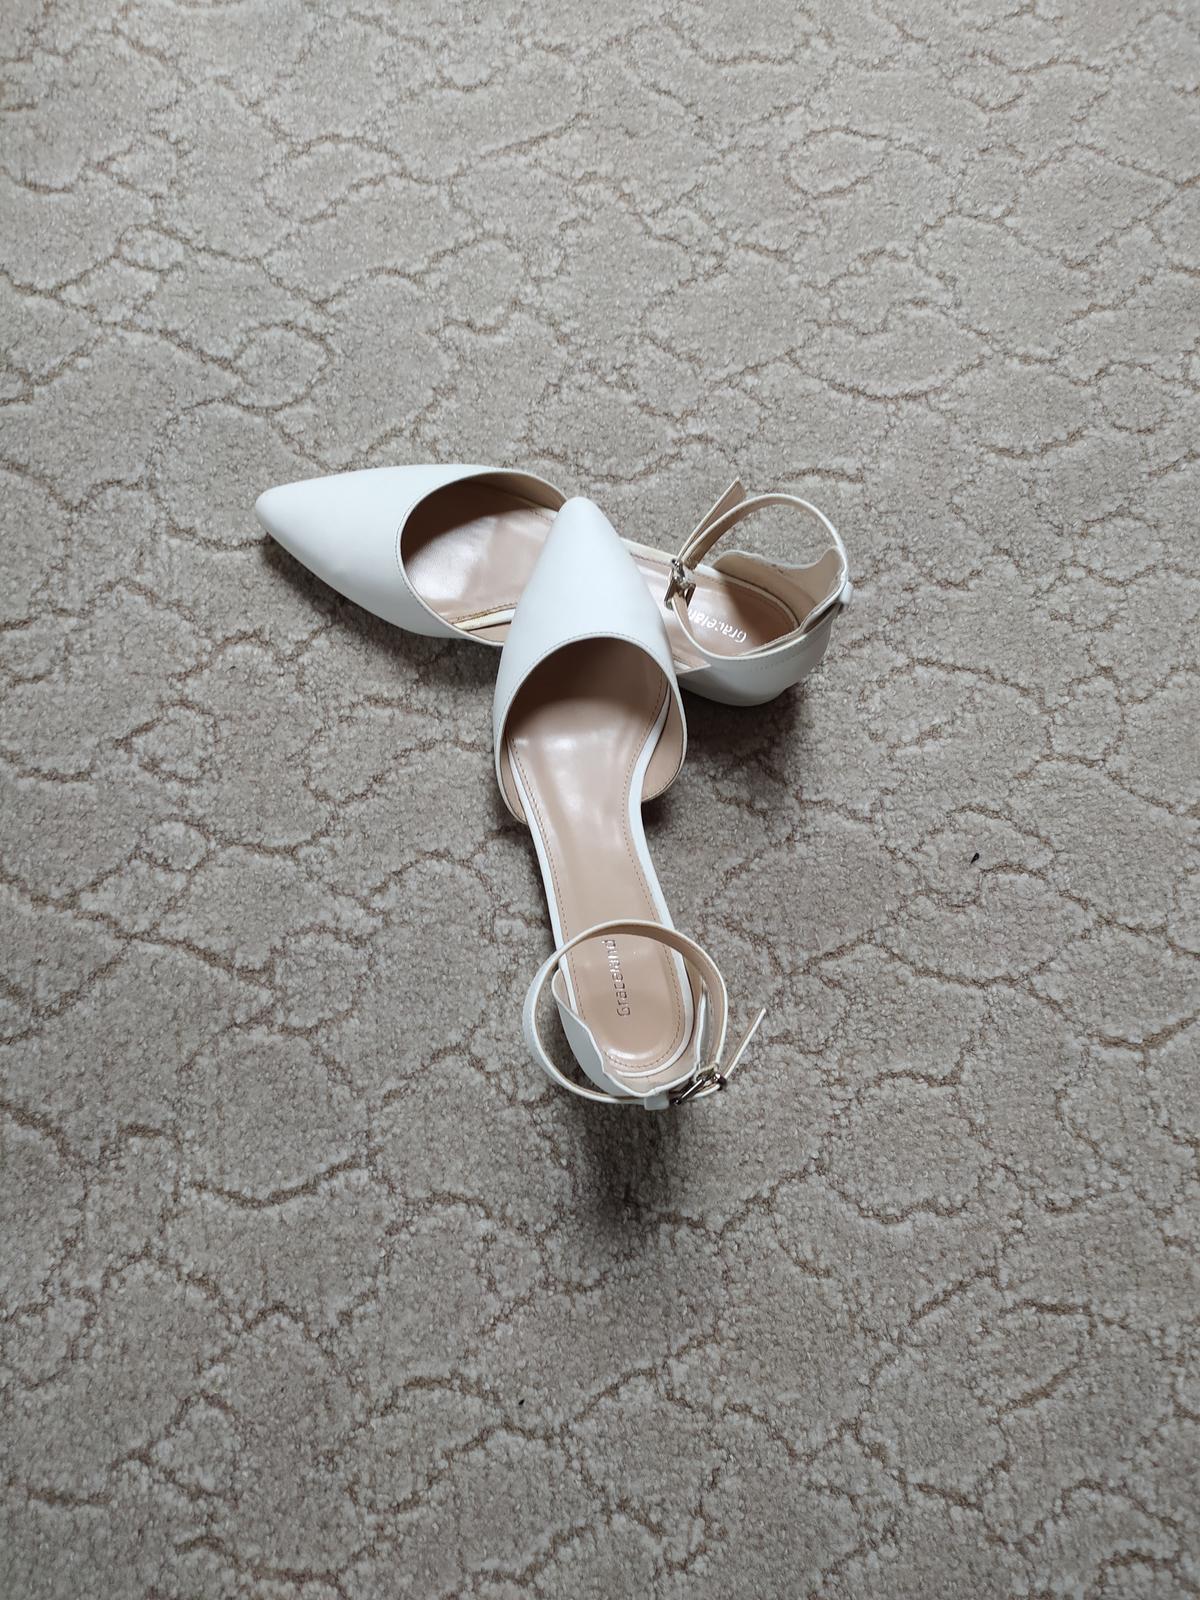 Bílé sandálky s plnou špičkou - Obrázek č. 1